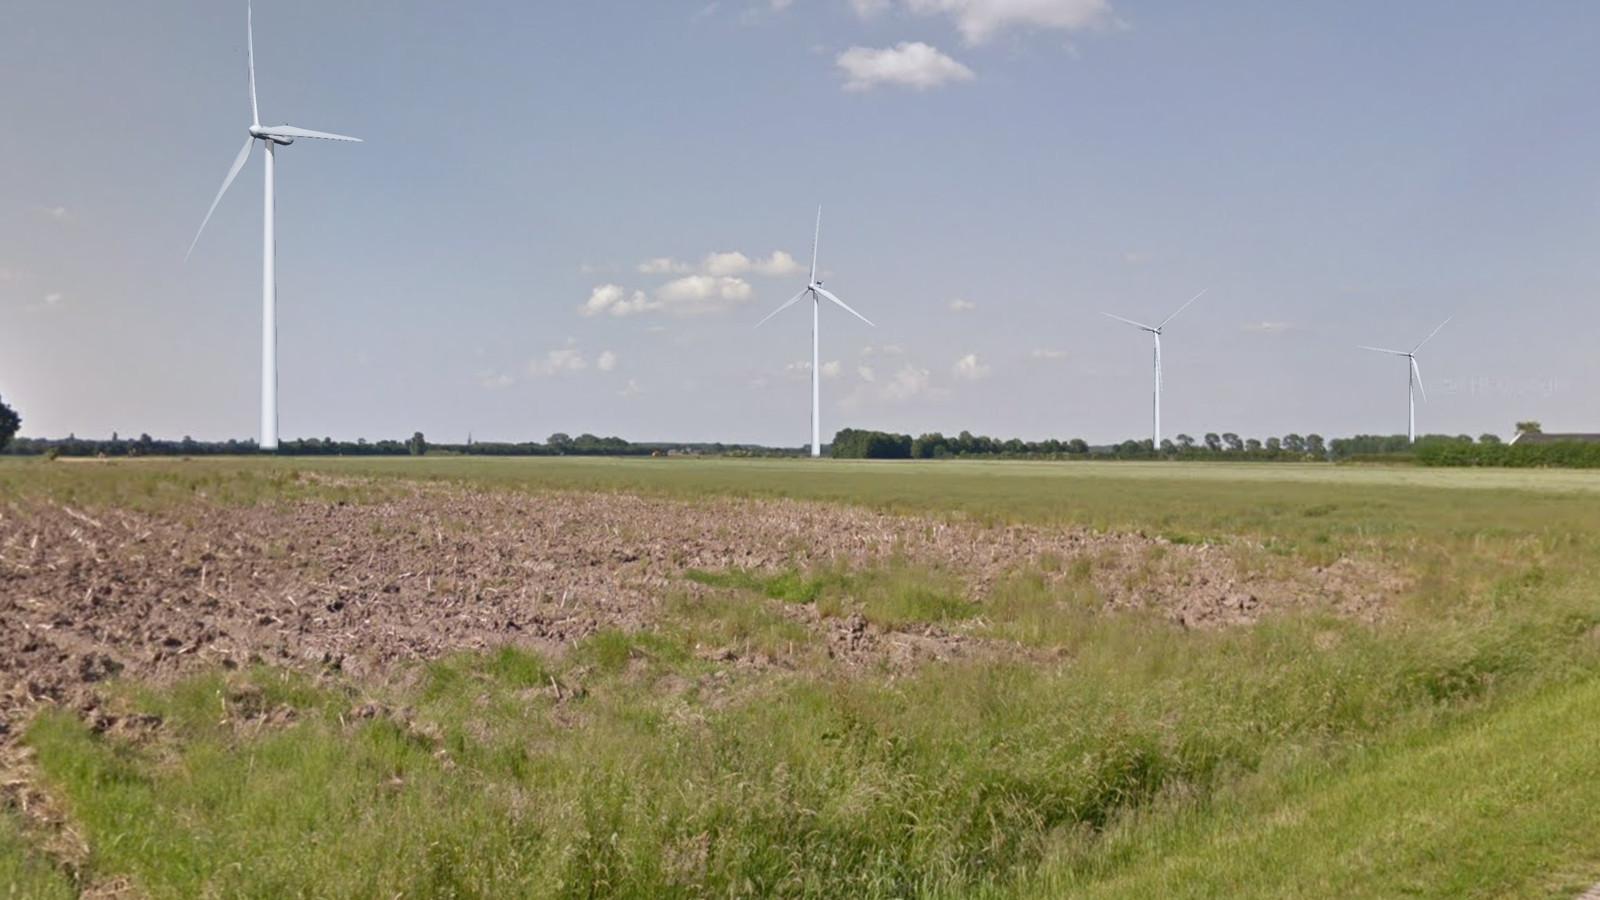 Visualisatie van de vier windmolens in Windpark Bijvanck, in het gebied tussen Angerlo en Loil.